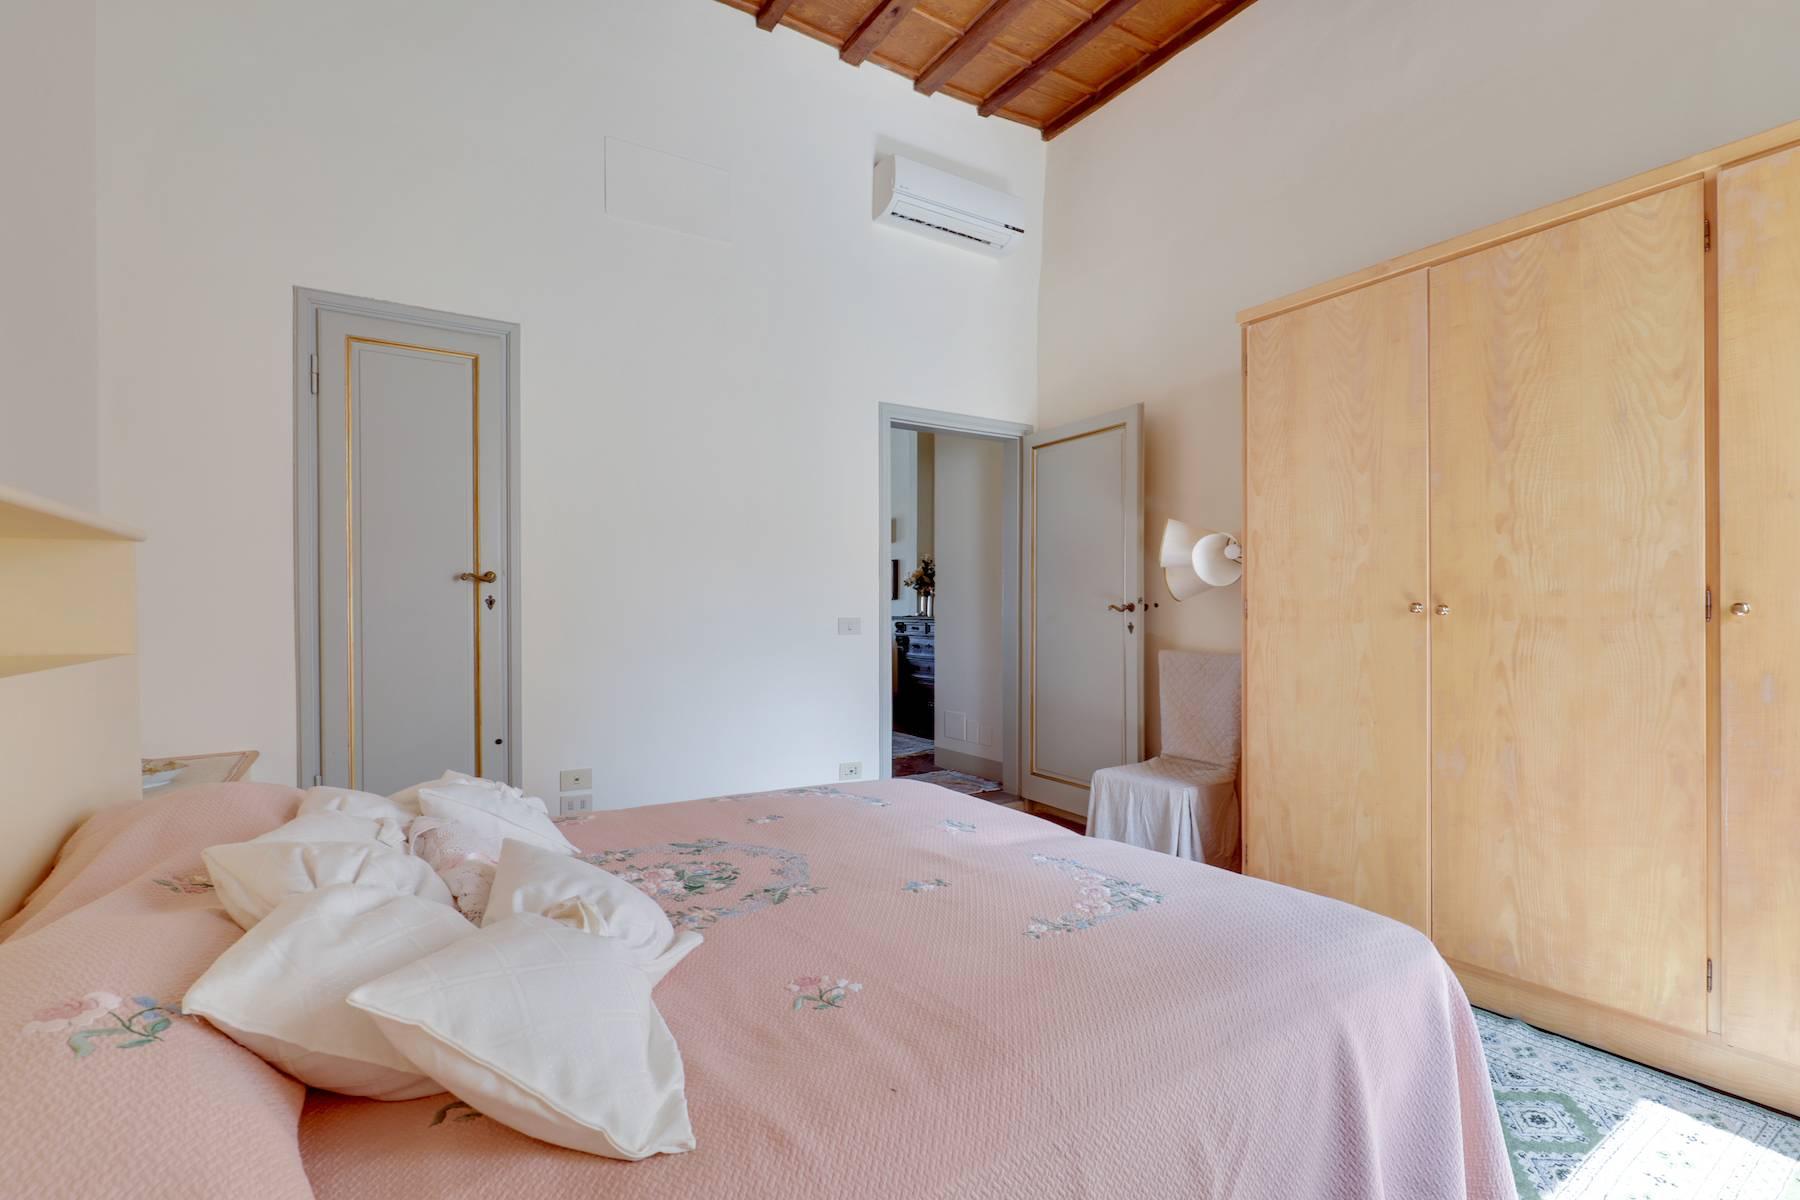 Appartamento in Vendita a Firenze: 4 locali, 90 mq - Foto 13